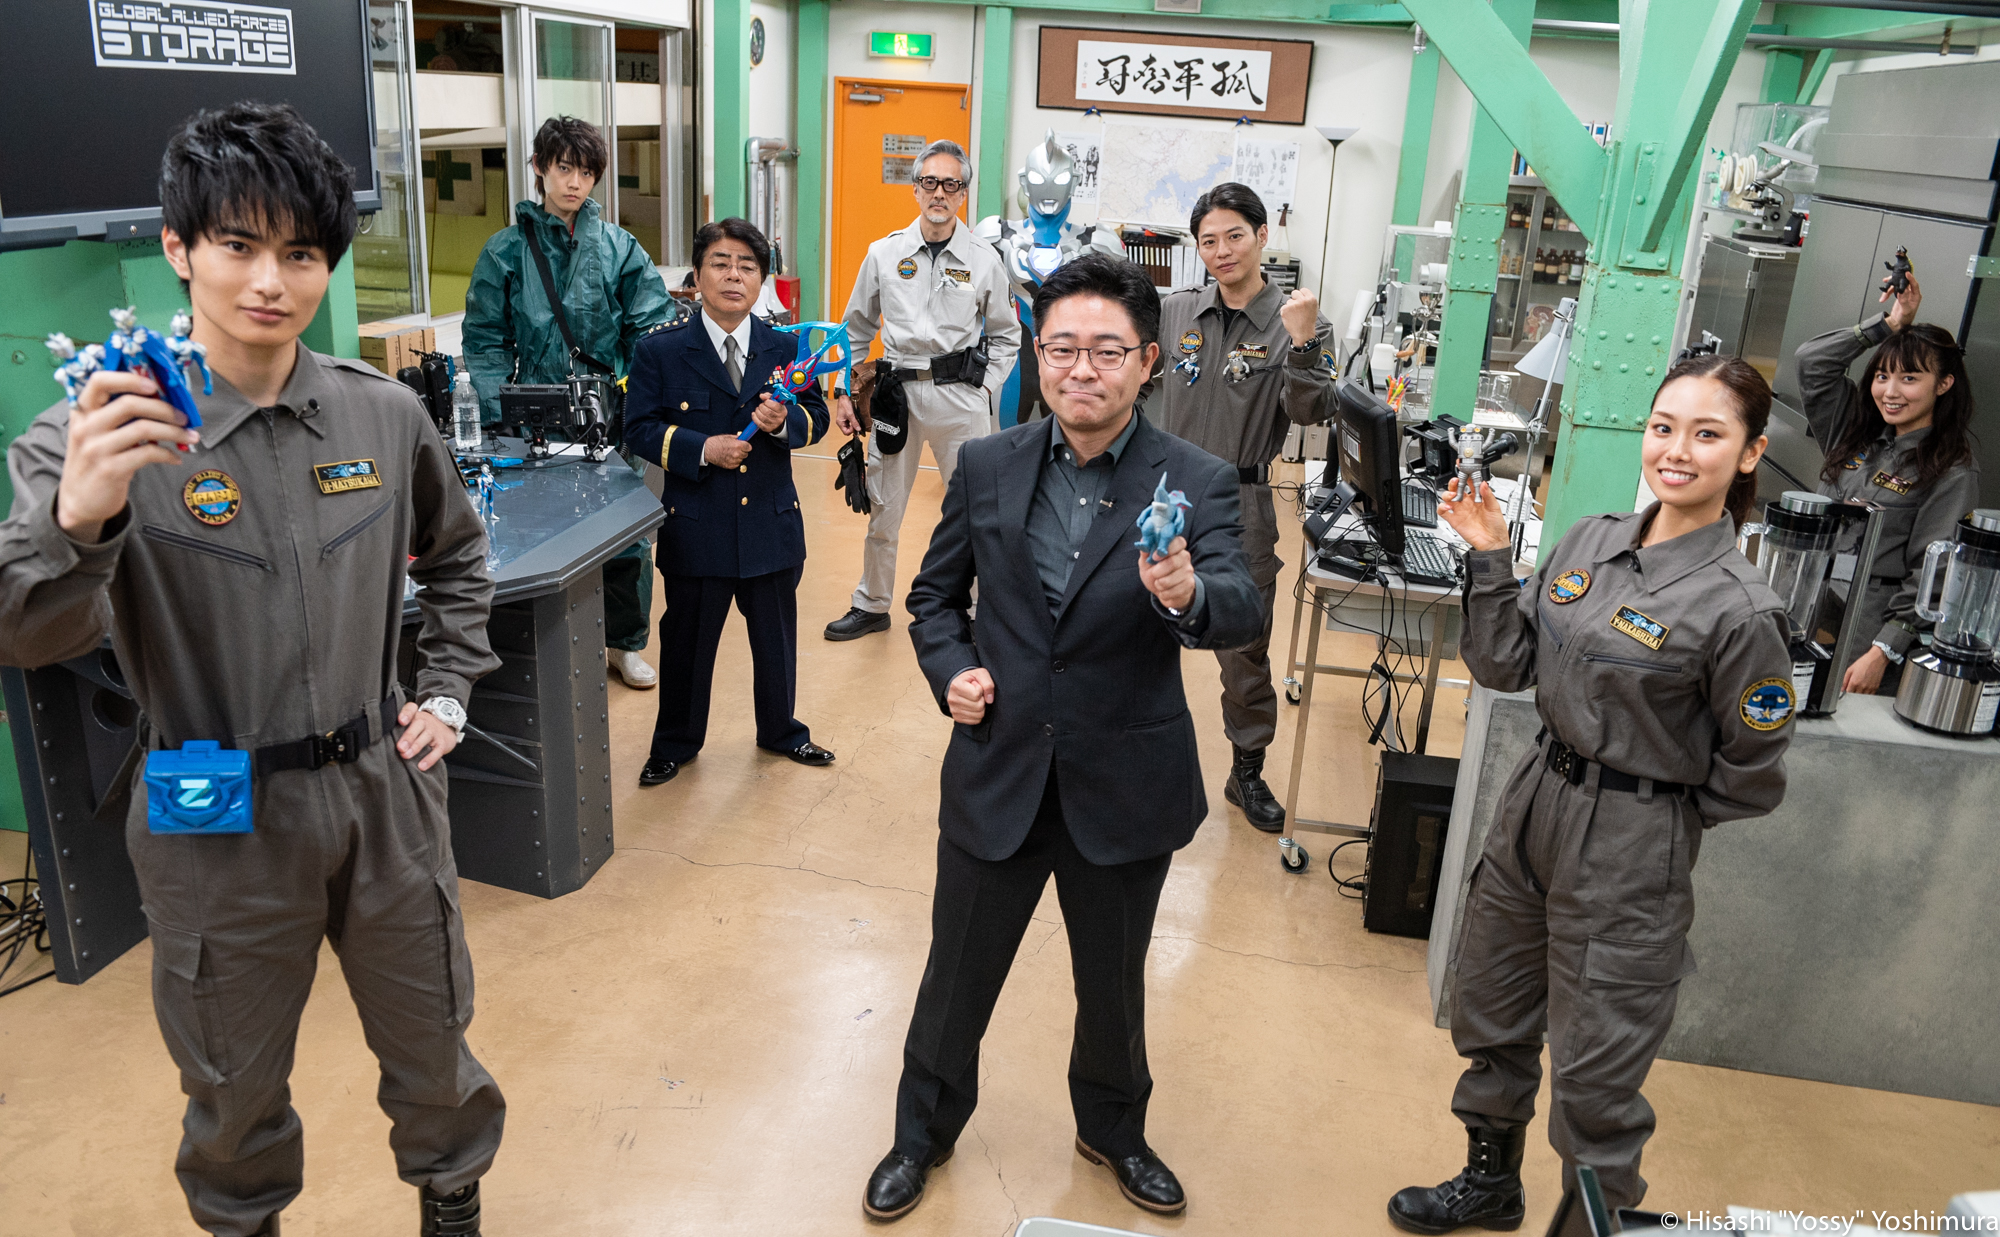 新TVシリーズ『ウルトラマンZ』、ウルトラマンシリーズ史上初のオンライン発表会実施!  6月20日(土)より放送開始!